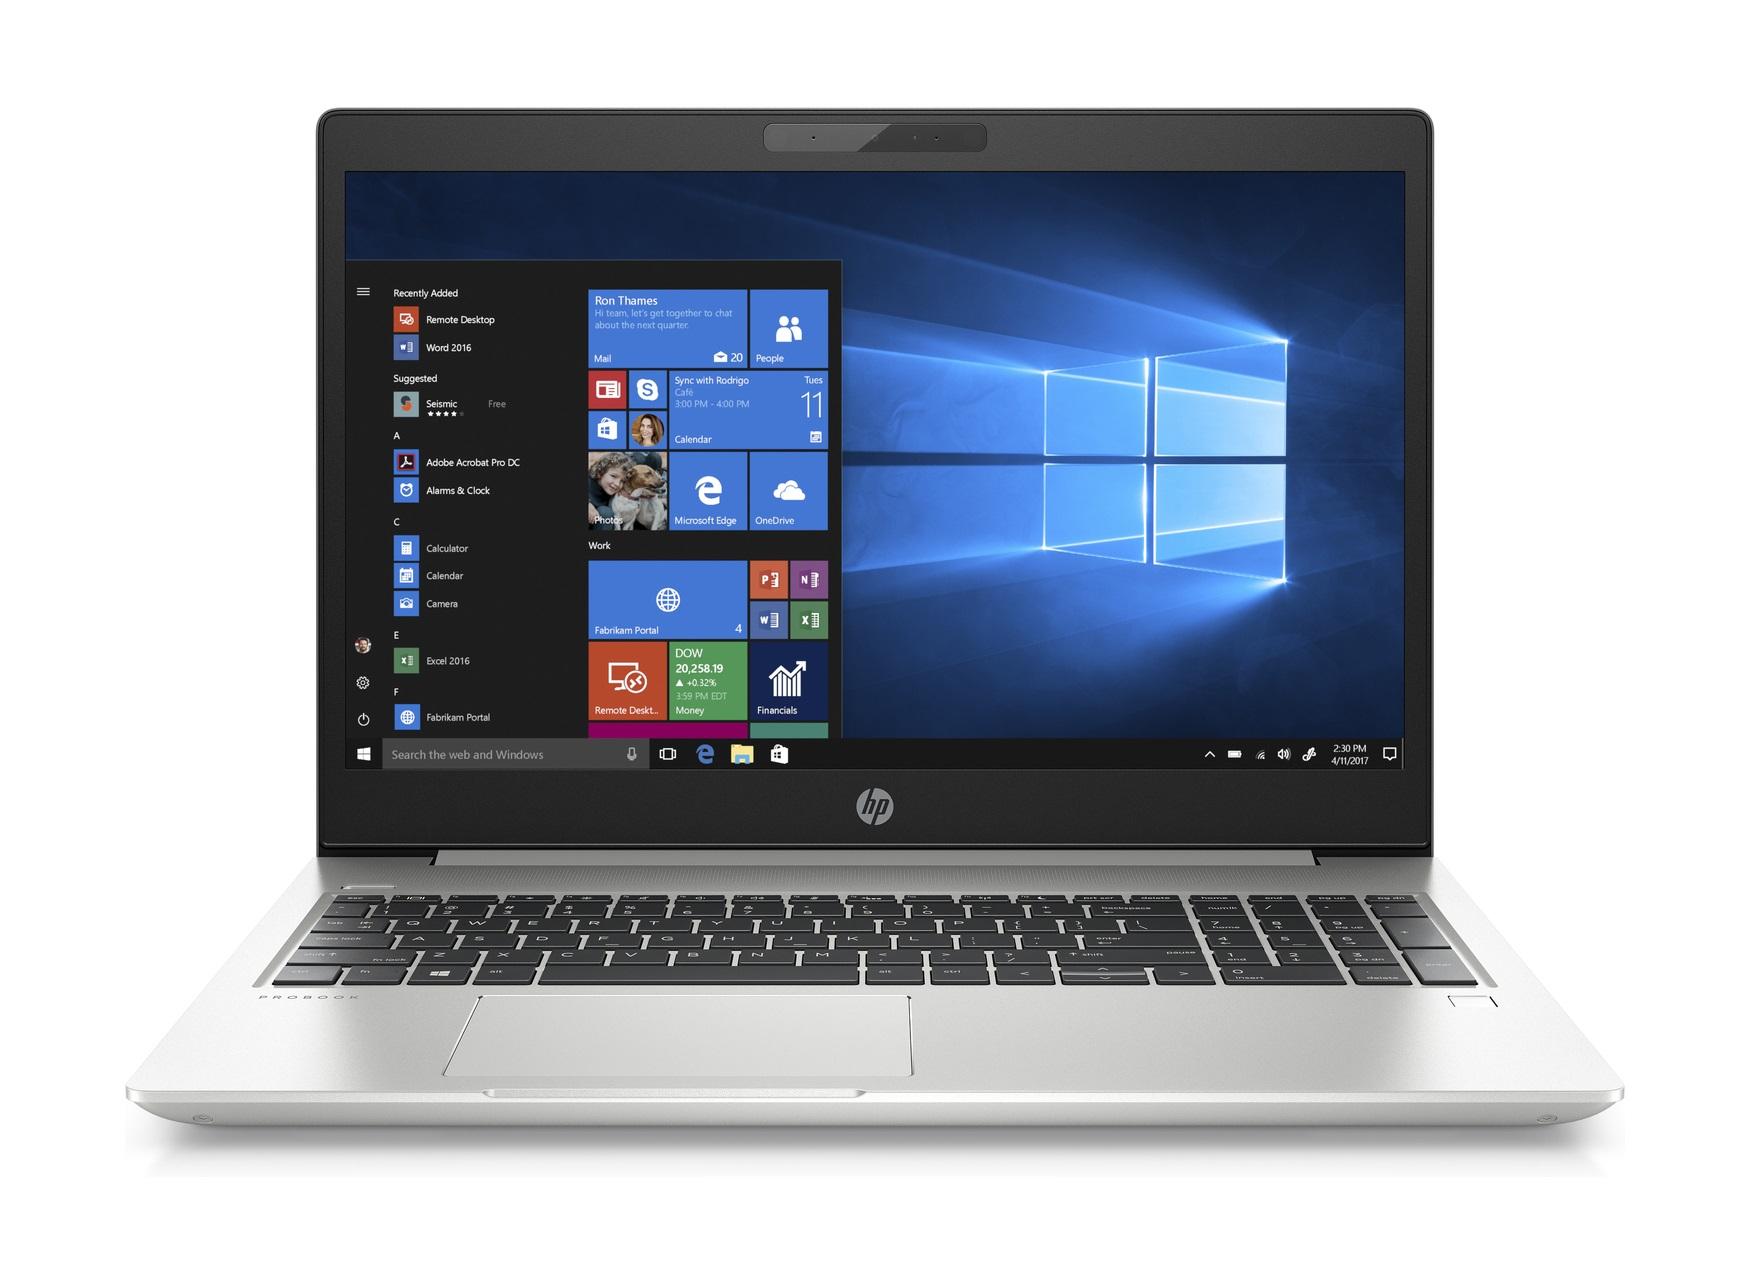 مراجعة لاب توب HP Probook 450